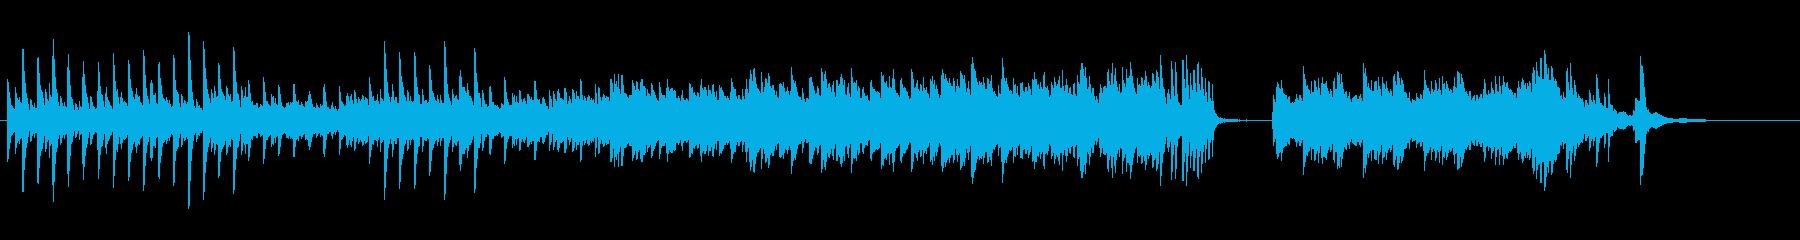 静かな美しい情緒的なピアノ曲、ヒーリングの再生済みの波形